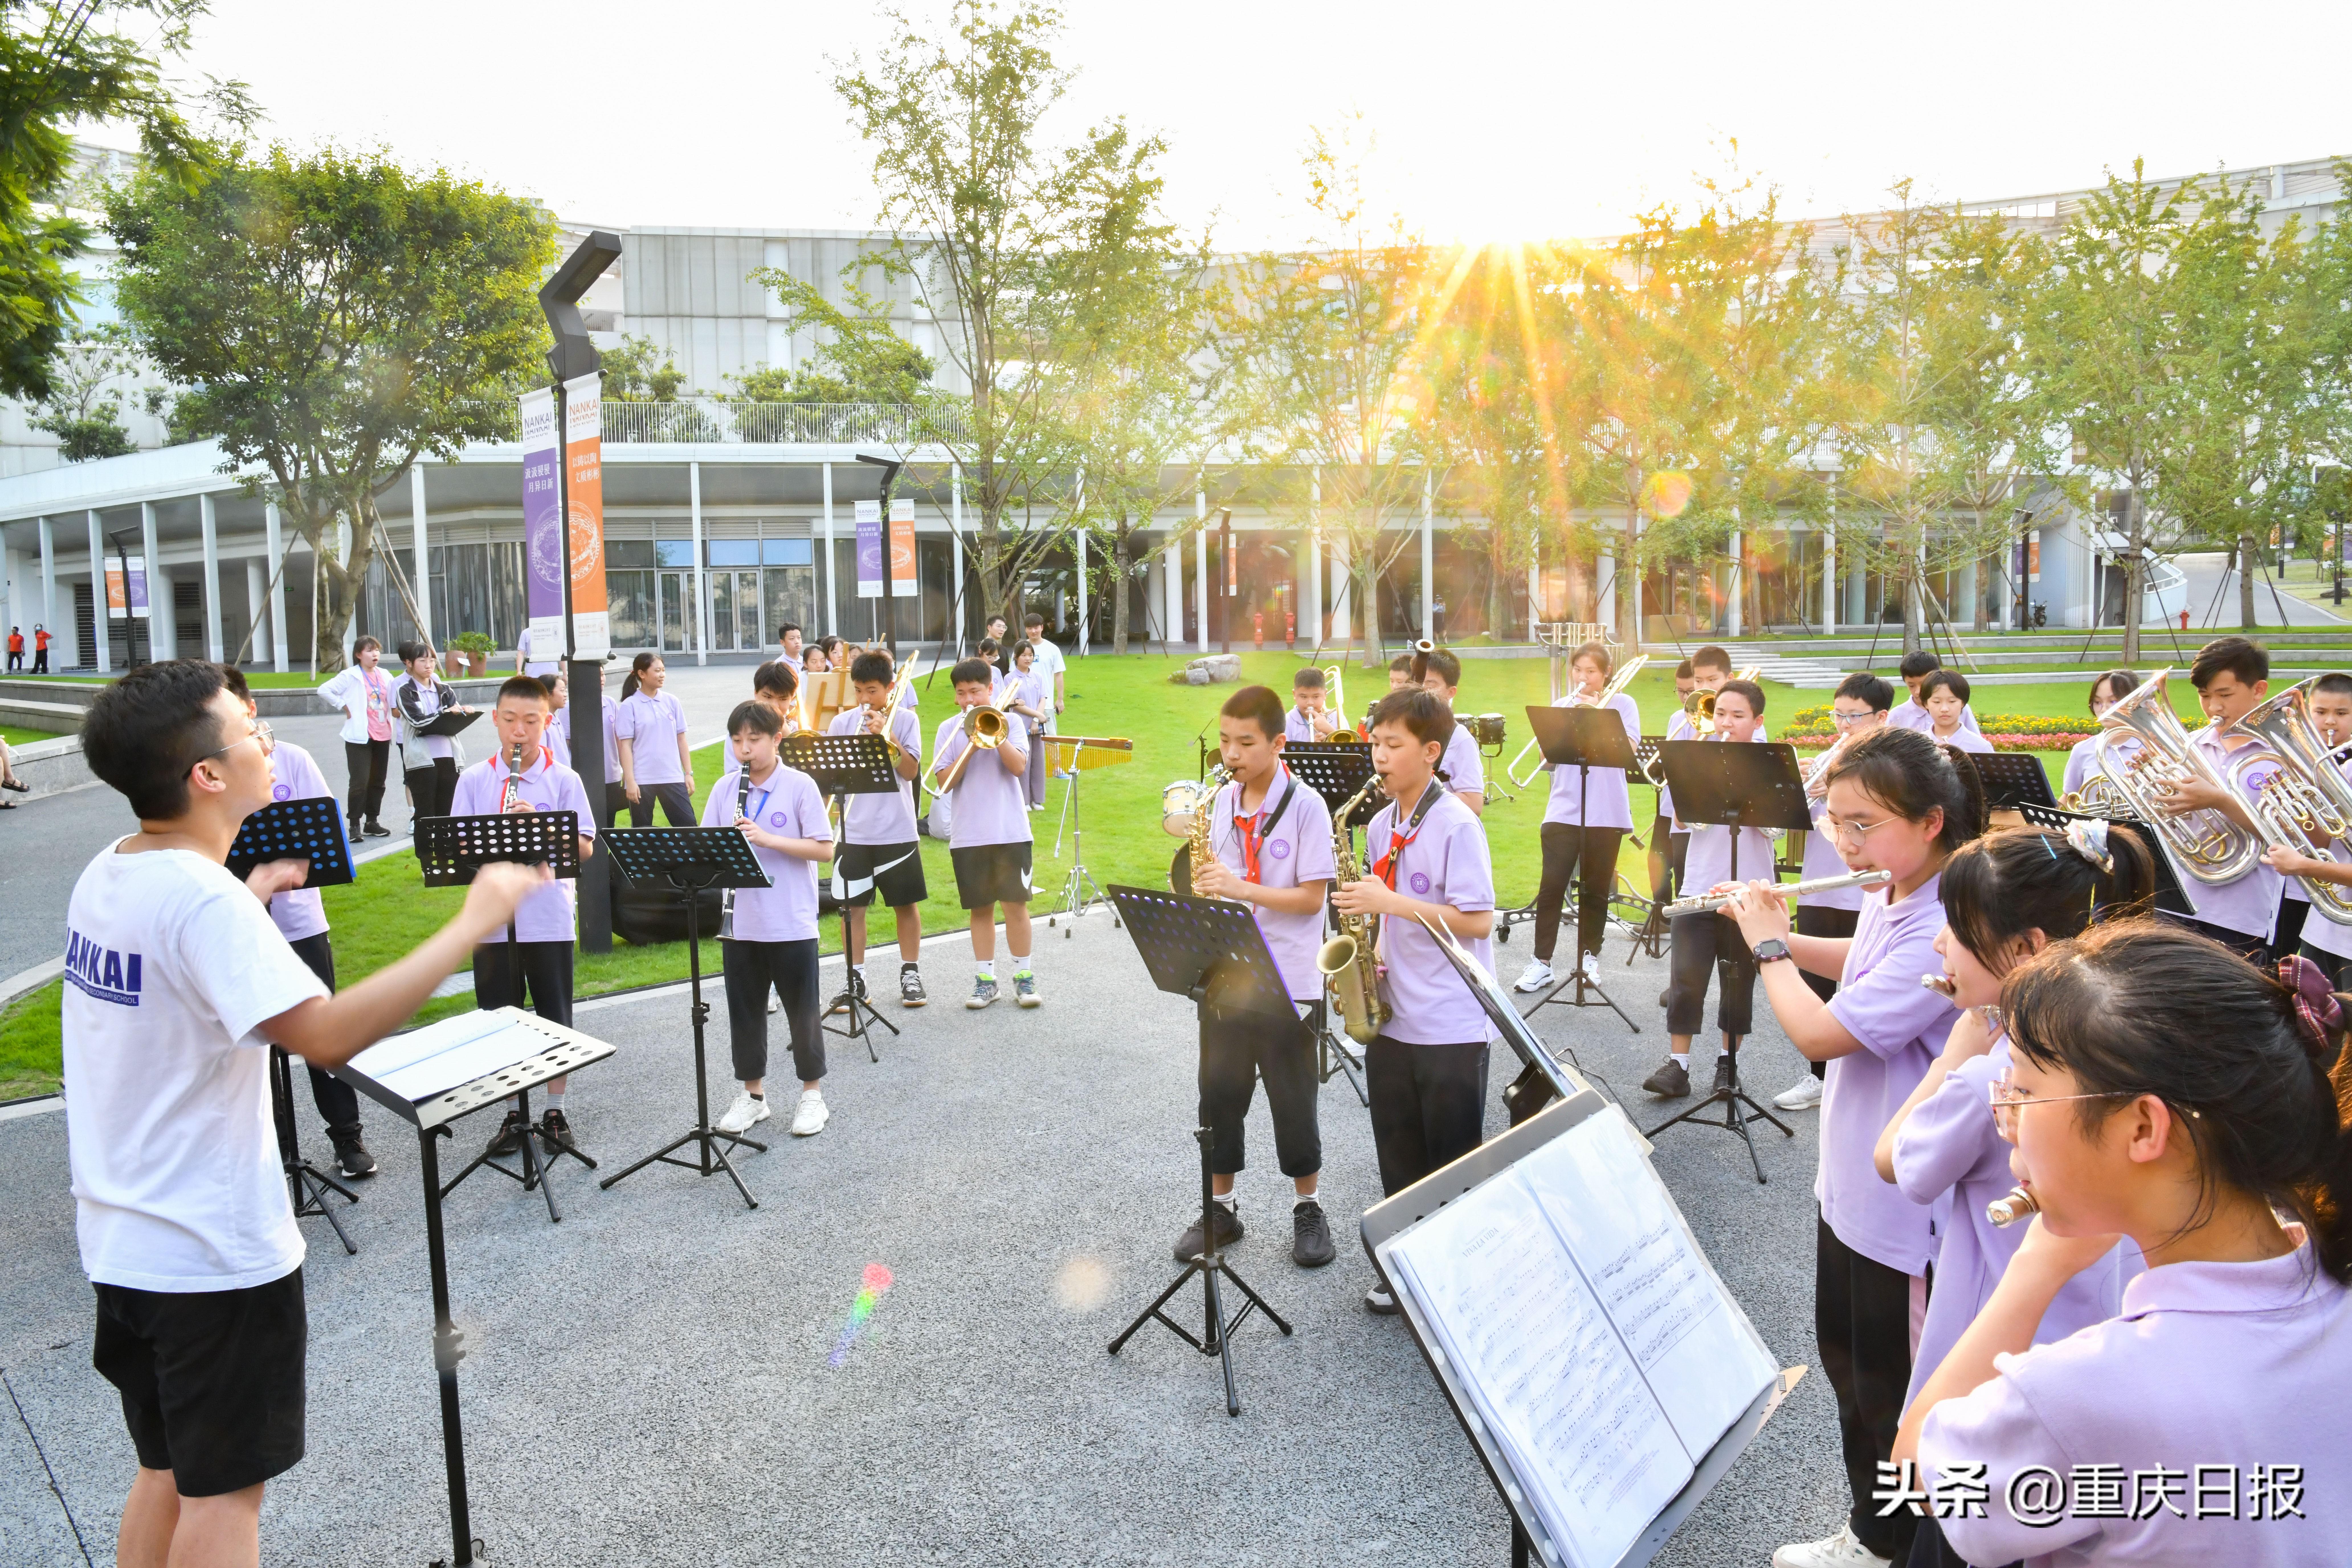 图片新闻 重庆南开两江中学:近40门社团课程丰富学生课外生活